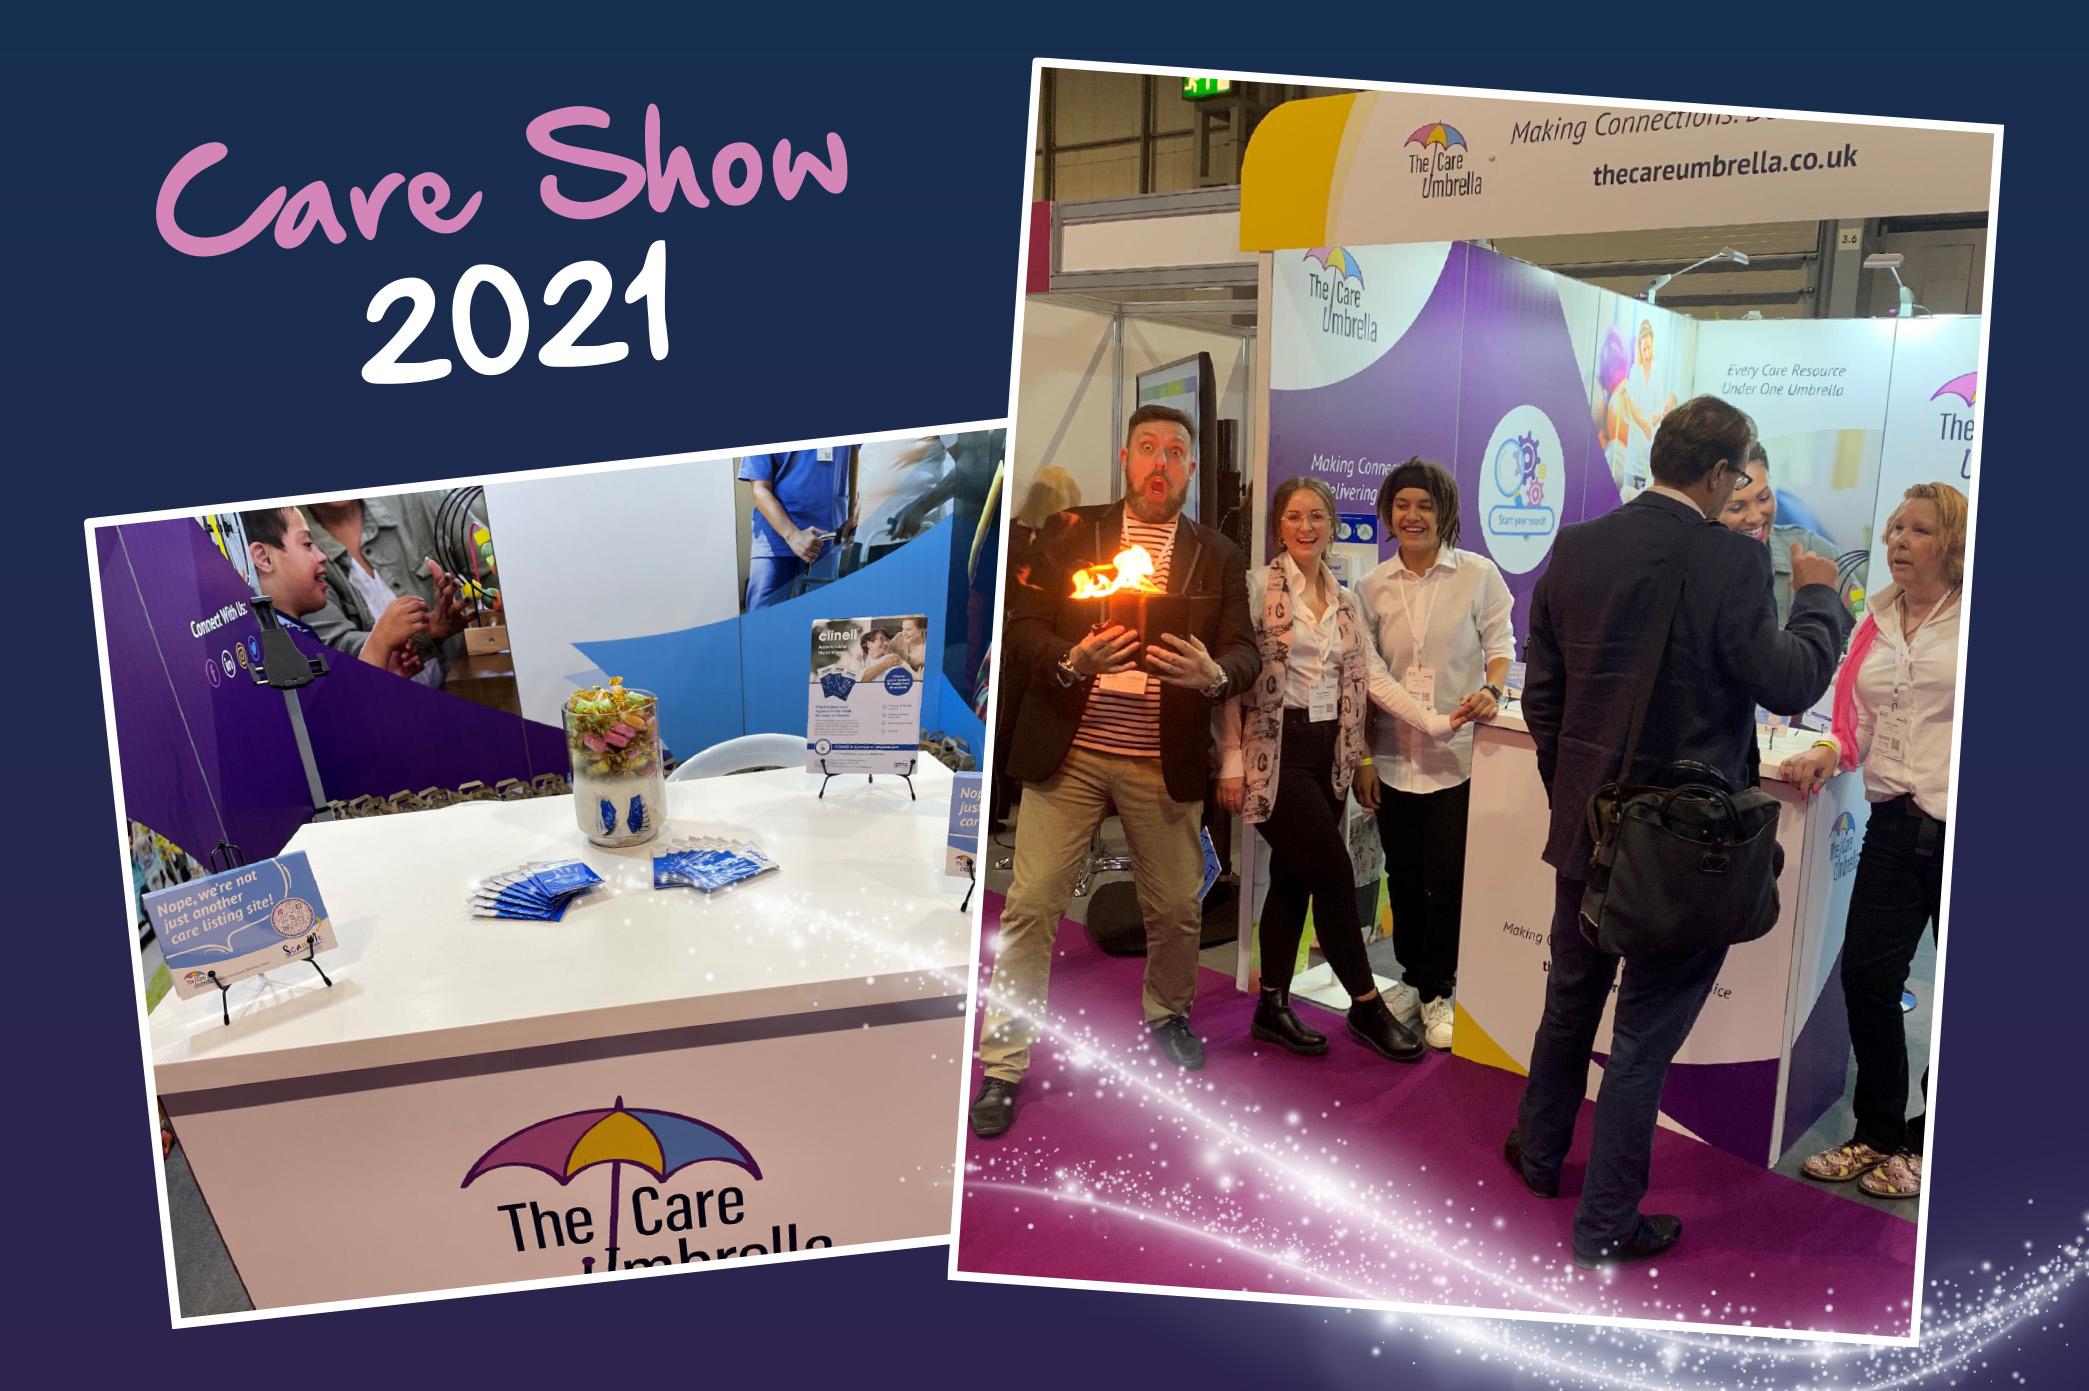 Care Show 2021